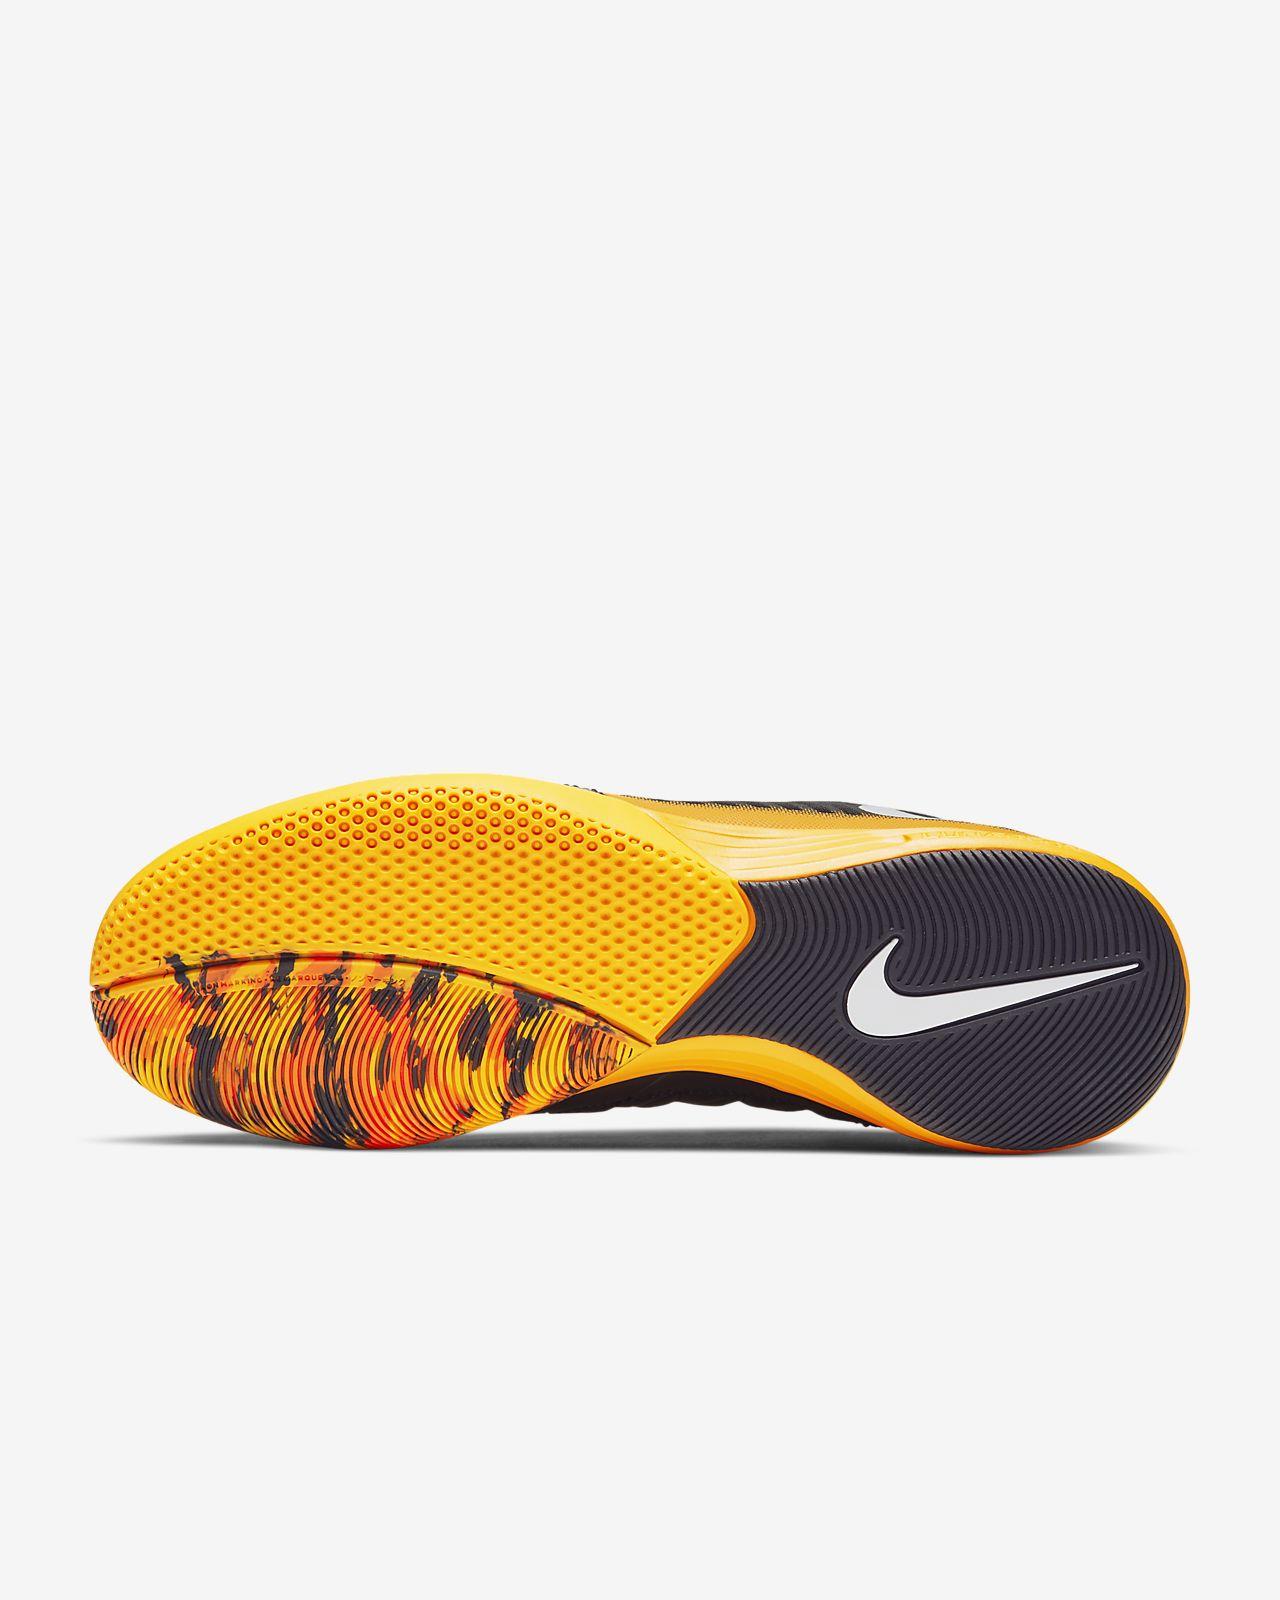 Nike Lunar Gato II IC Futsal Boot